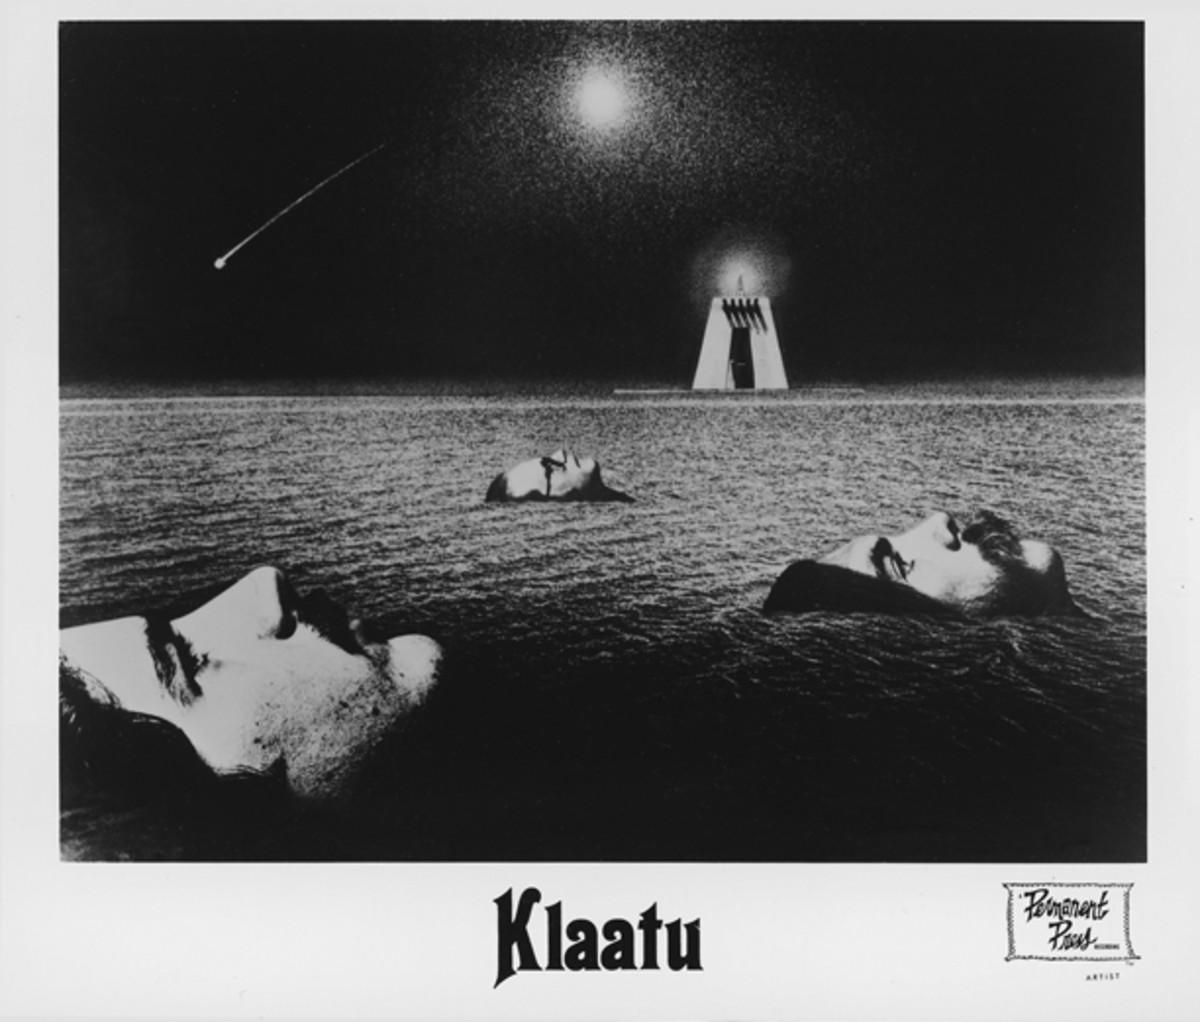 Klaatu – 3:47 EST